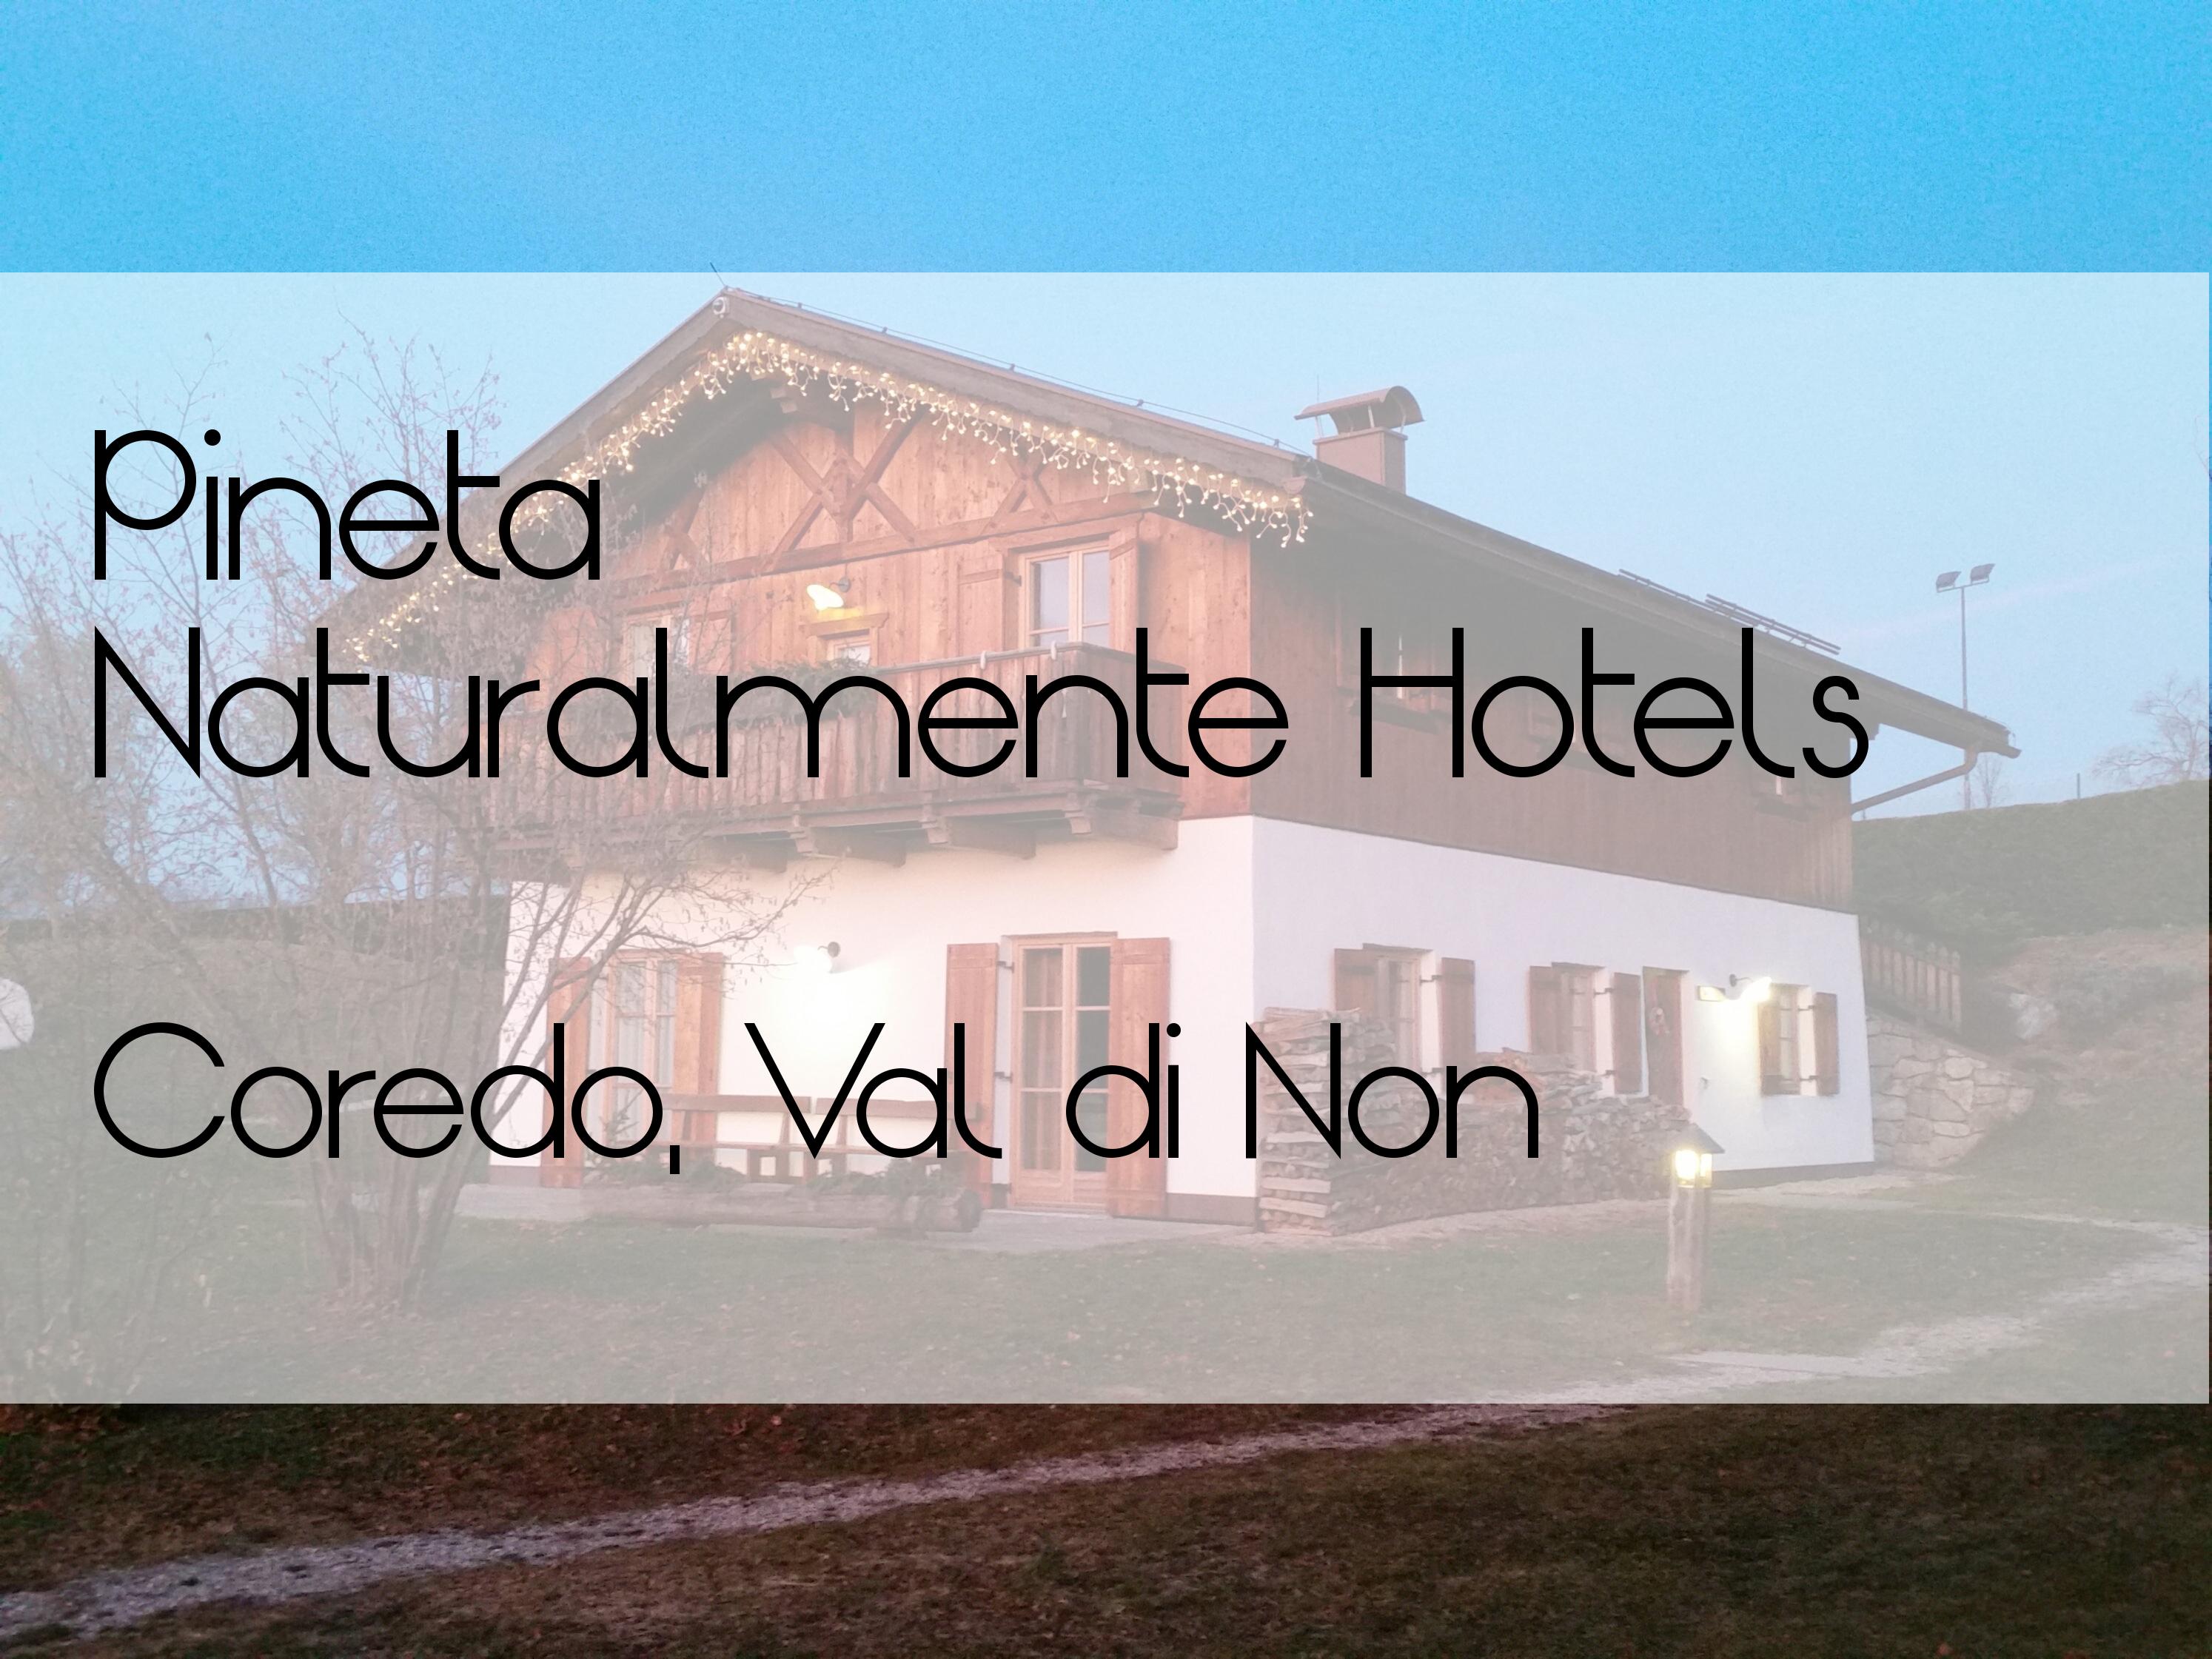 Pineta Naturalmente Hotels